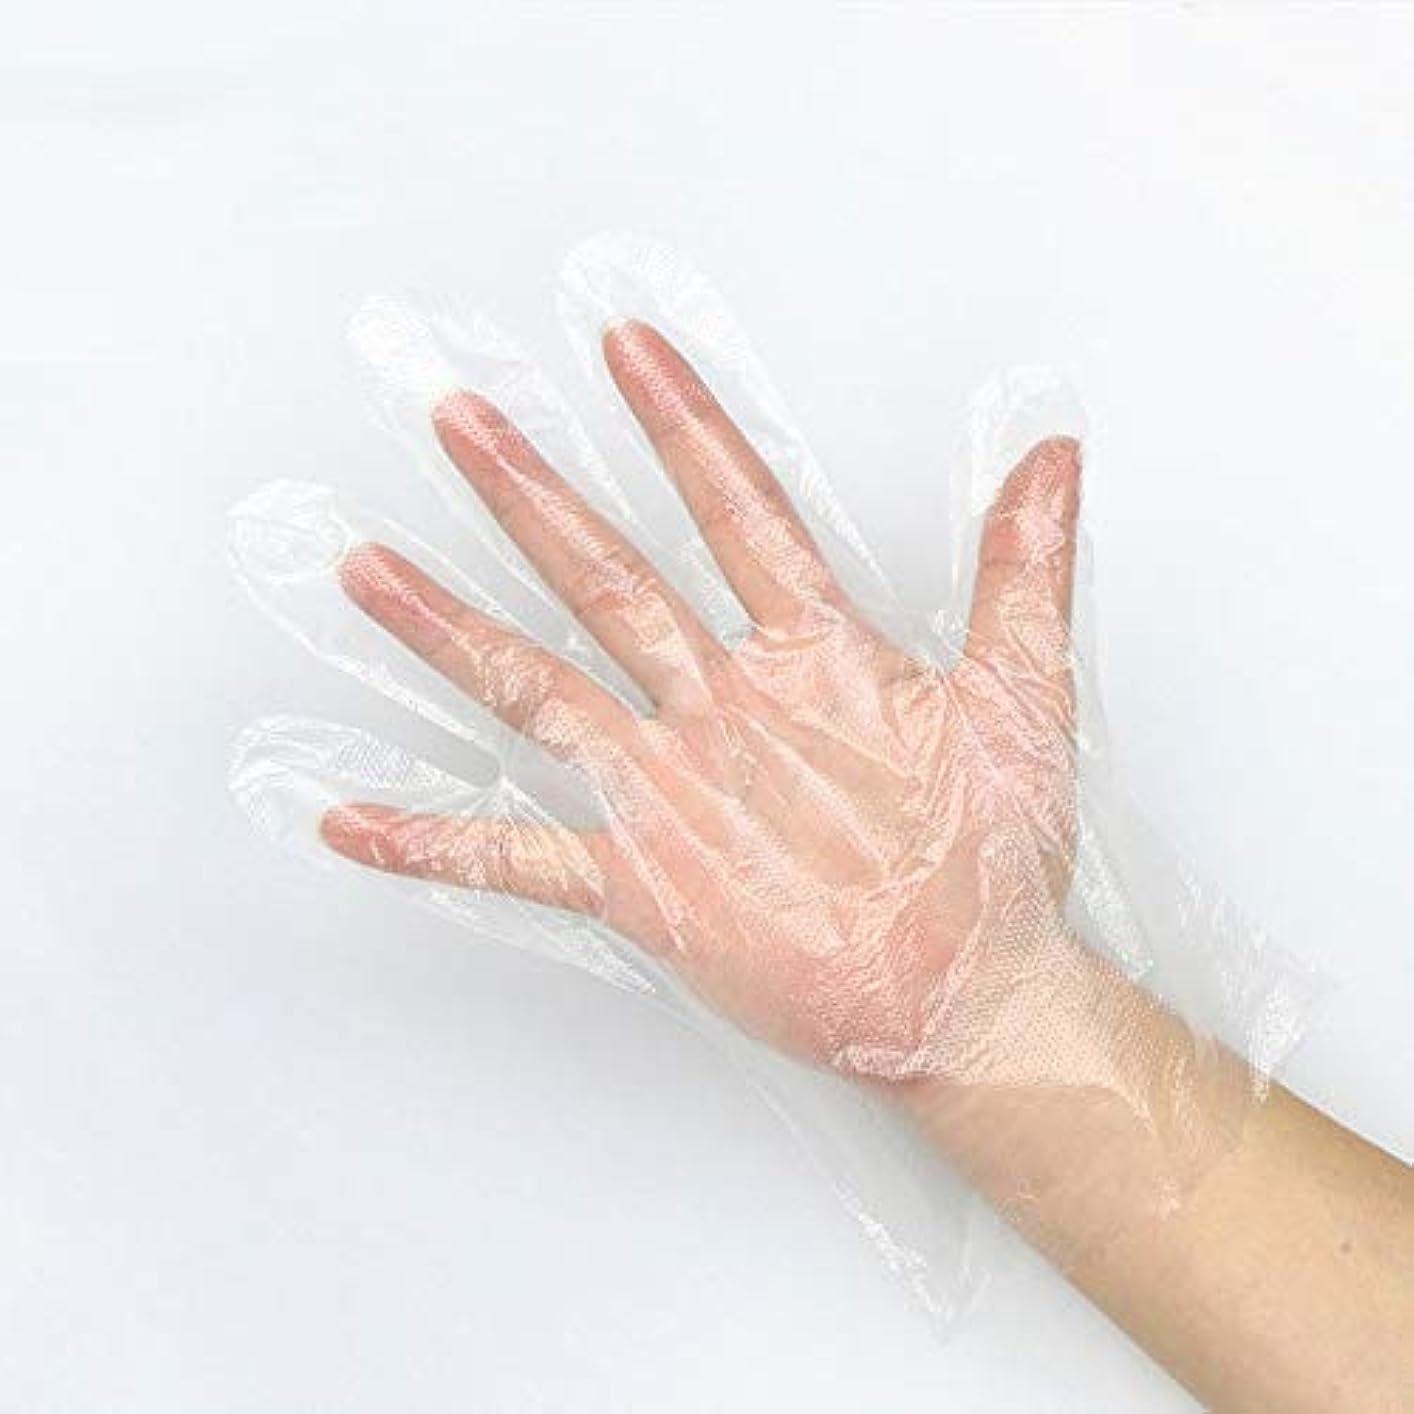 使い捨てのPEフィルム透明手袋1000のみ - 食品加工美容室キッチン調理健康診断用 YANW (色 : A, サイズ さいず : 0.9G)